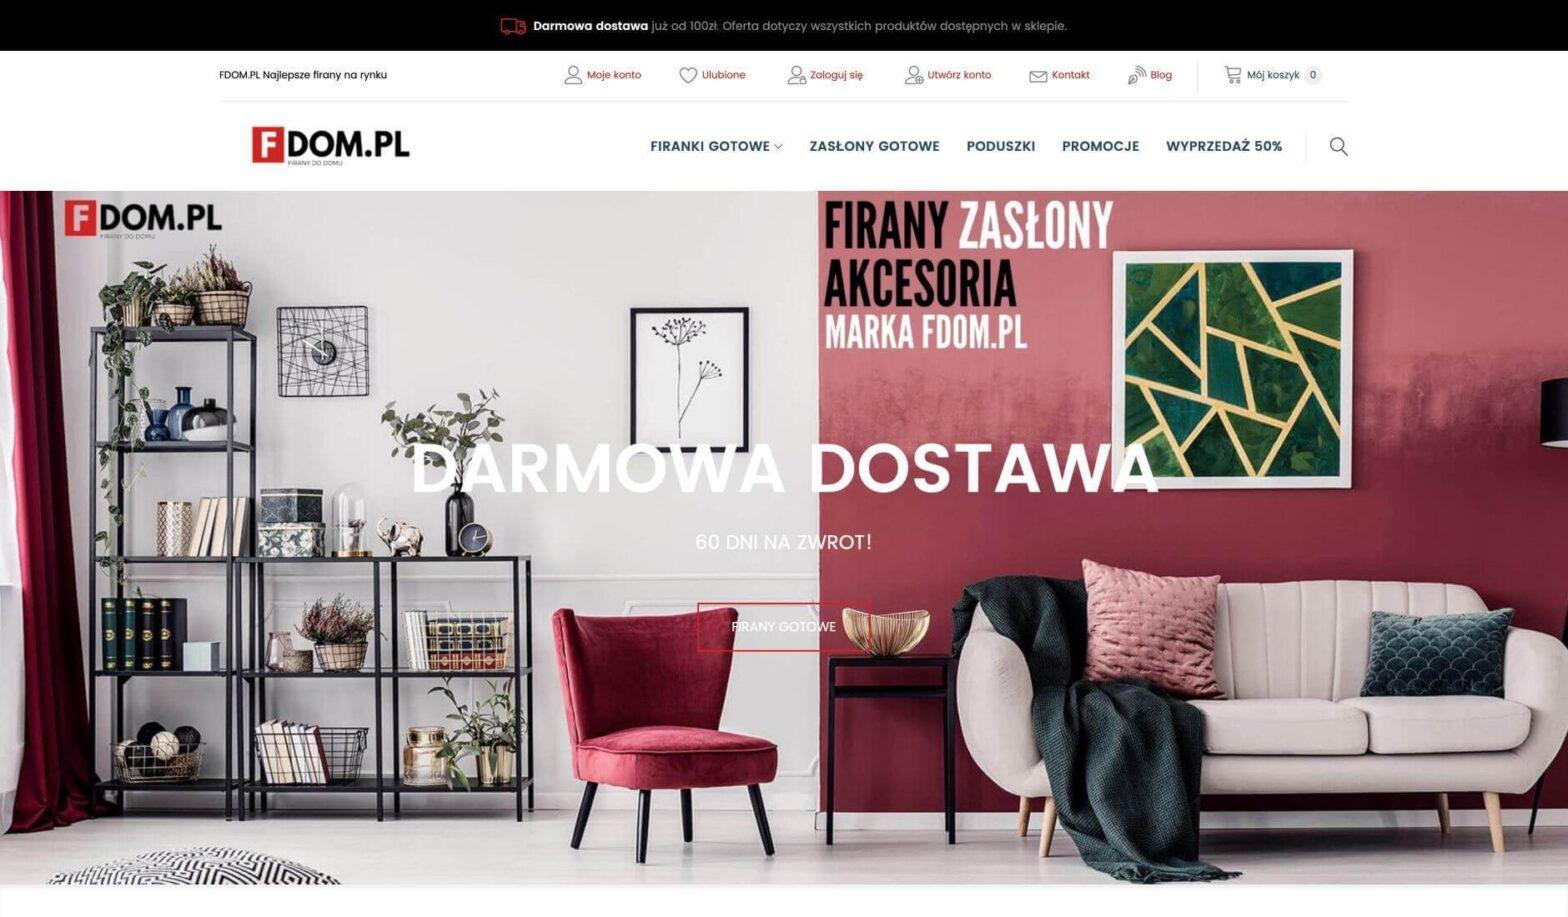 FDOM.PL Najlepsze firany na rynku